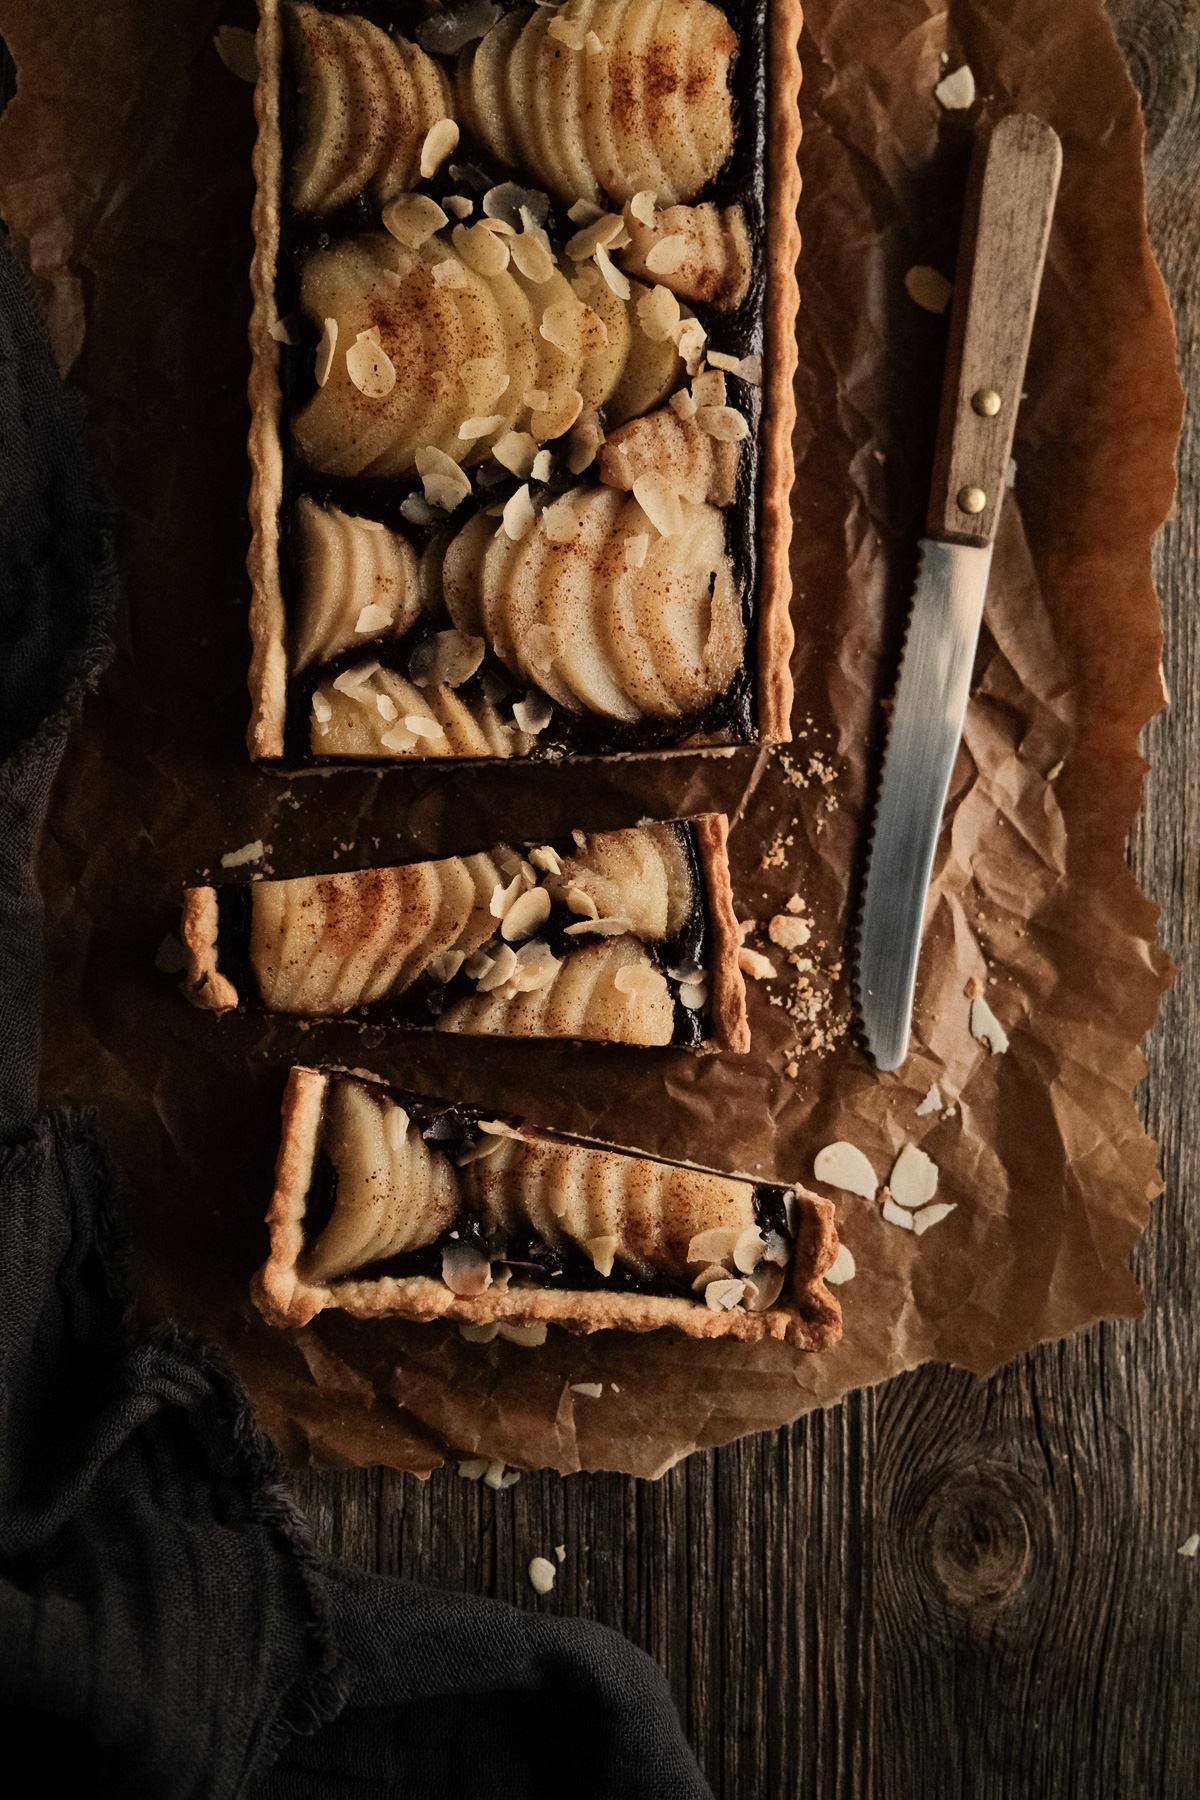 Photographe culinaire style dark et moody à Chambéry : Pâtisseries et gâteaux